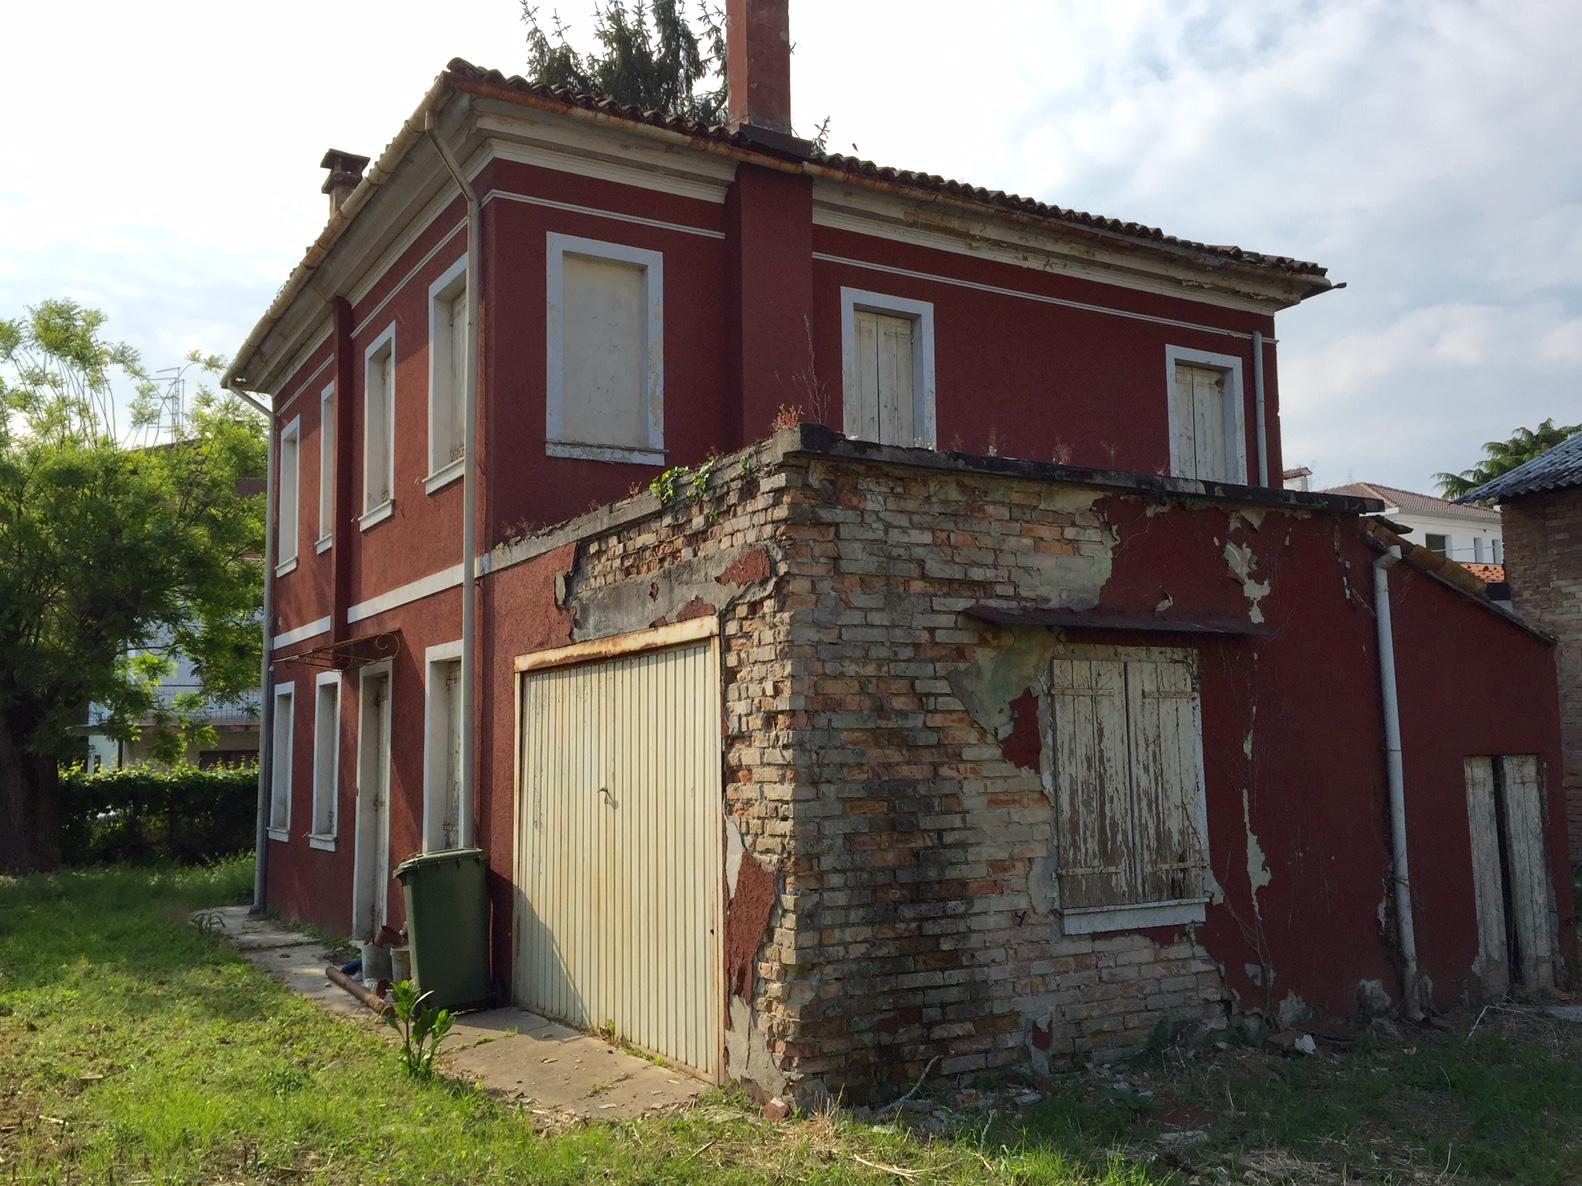 Ville in vendita a mogliano veneto - Casa mogliano veneto ...